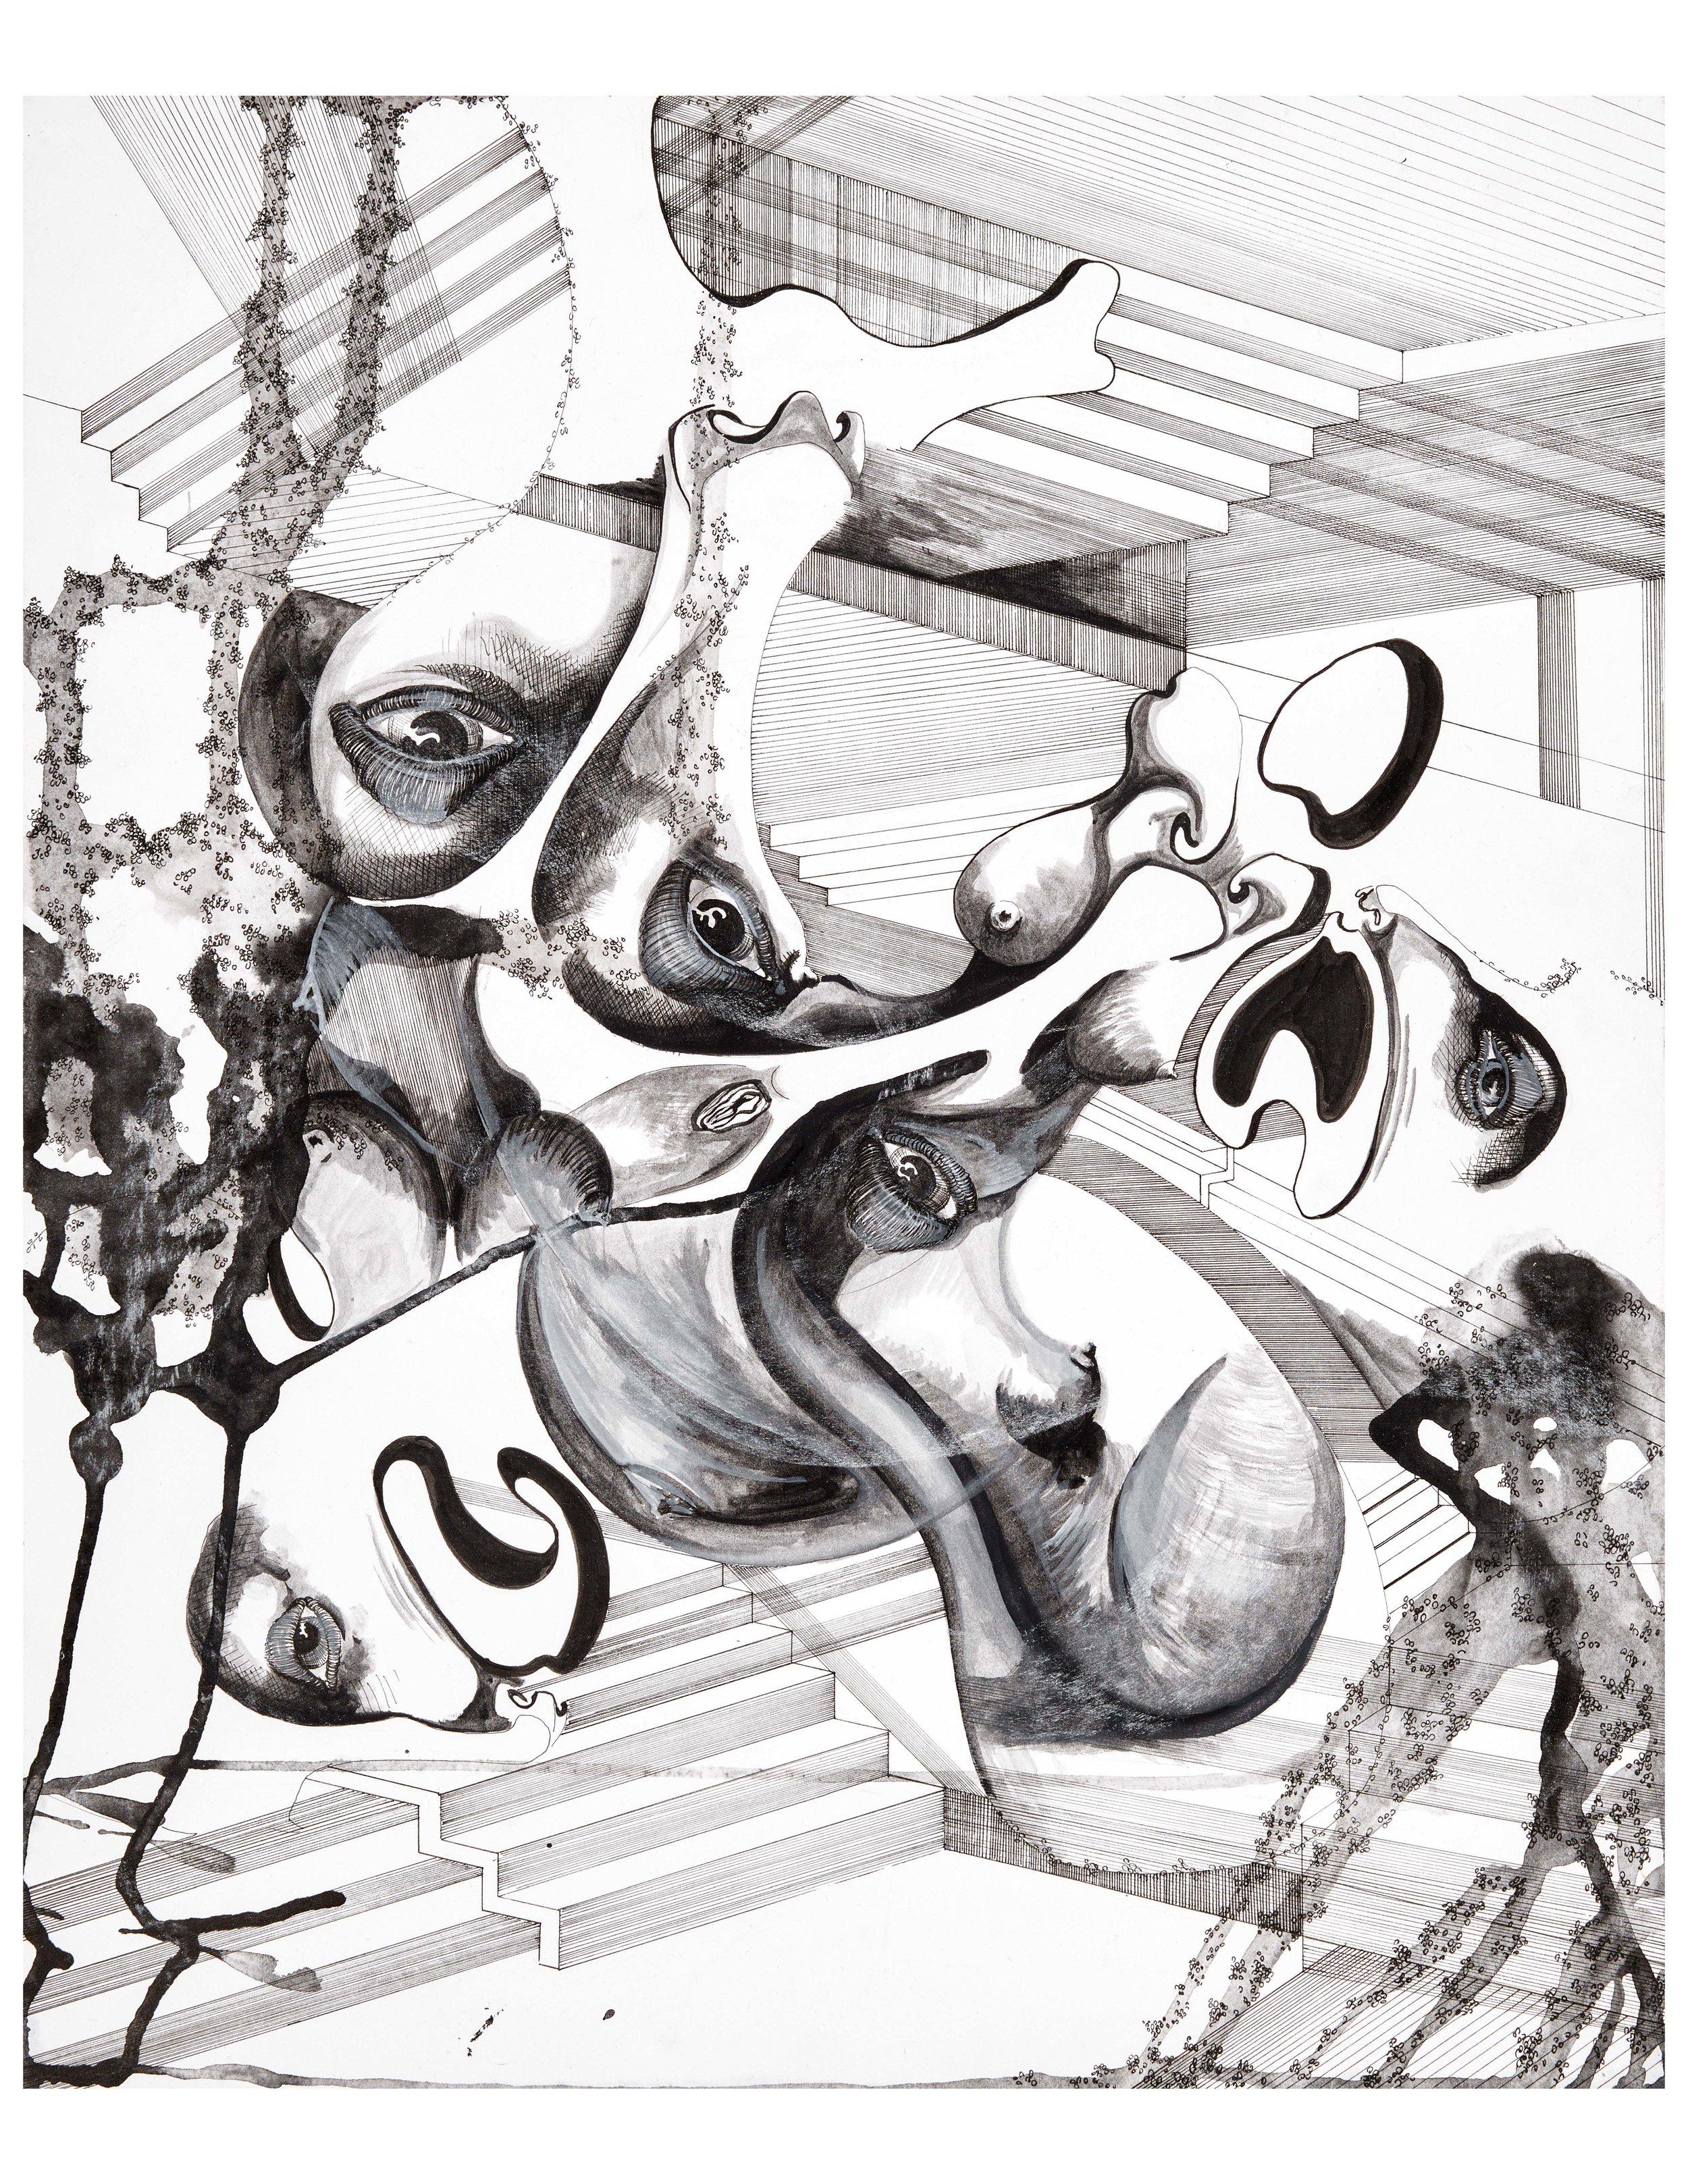 EbruDuruman-ConfusedFaces-14_x17_-PenInk on Paper-2017-500$.jpg